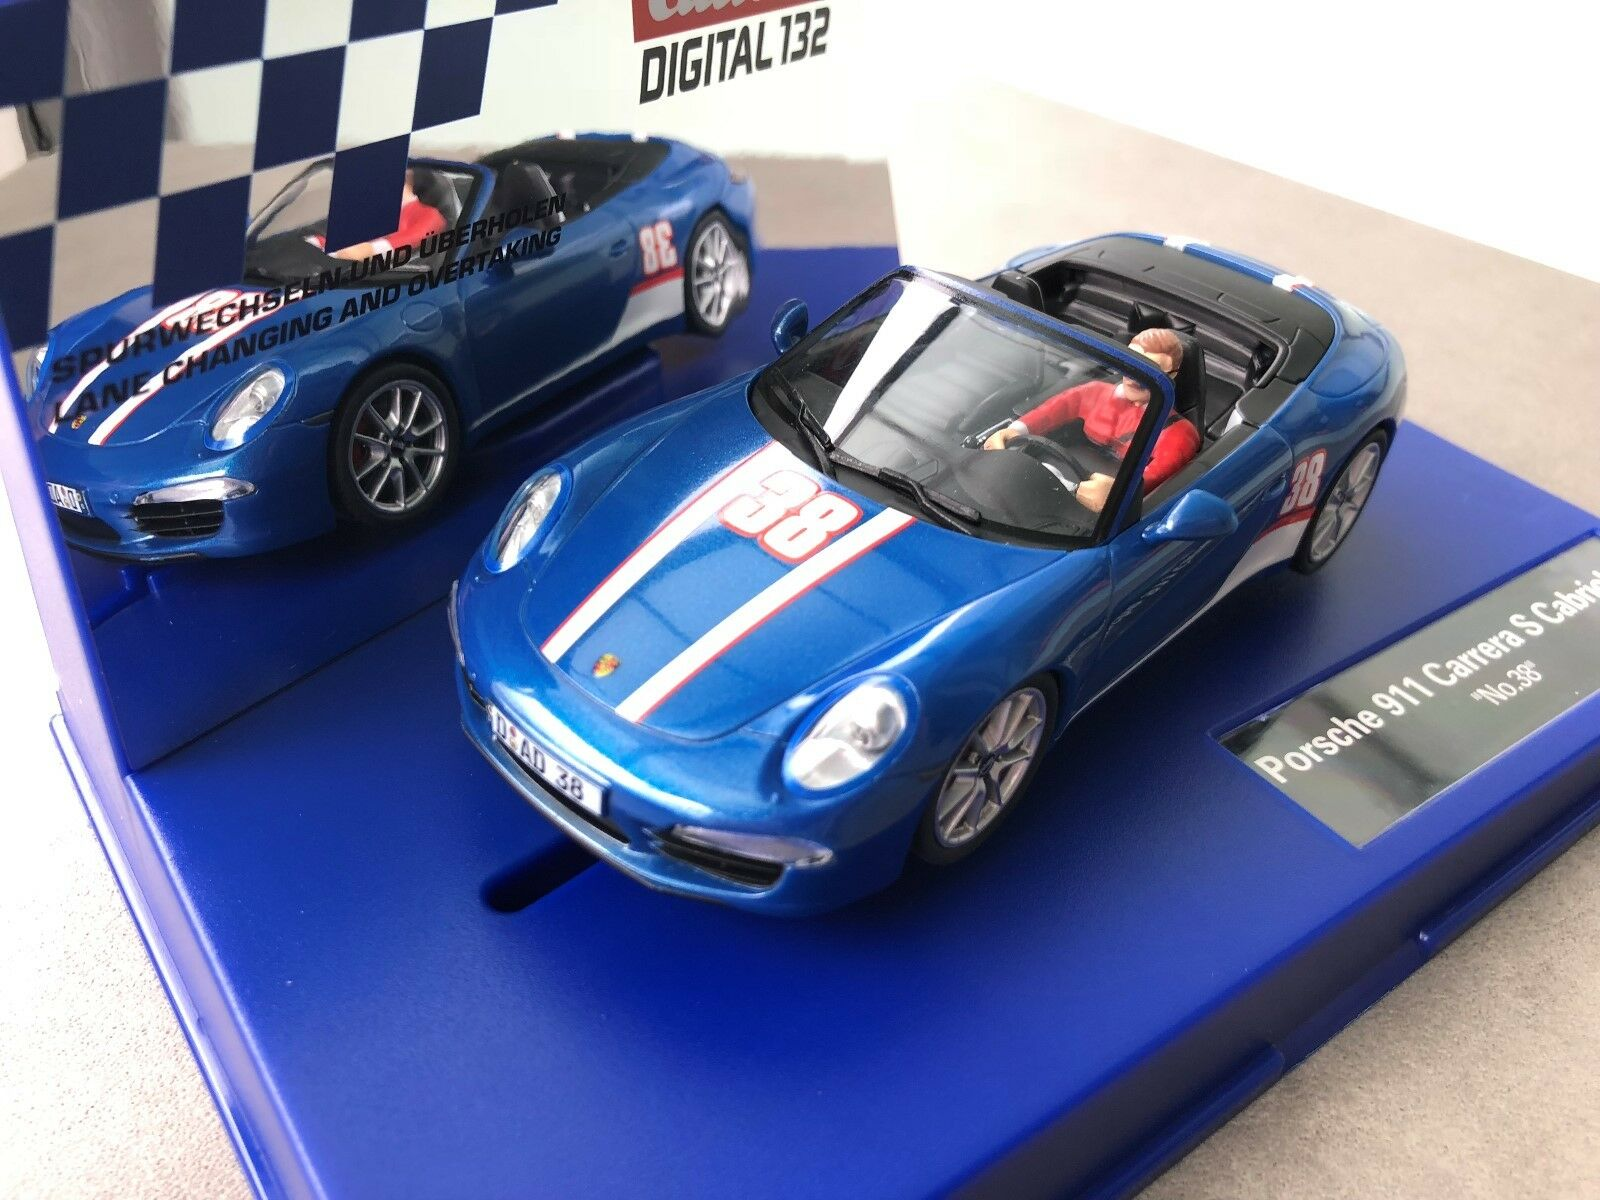 Carrera Digital 132 30789 PORSCHE 911 S Cabriolet   N° 38   NUOVO conf. orig.